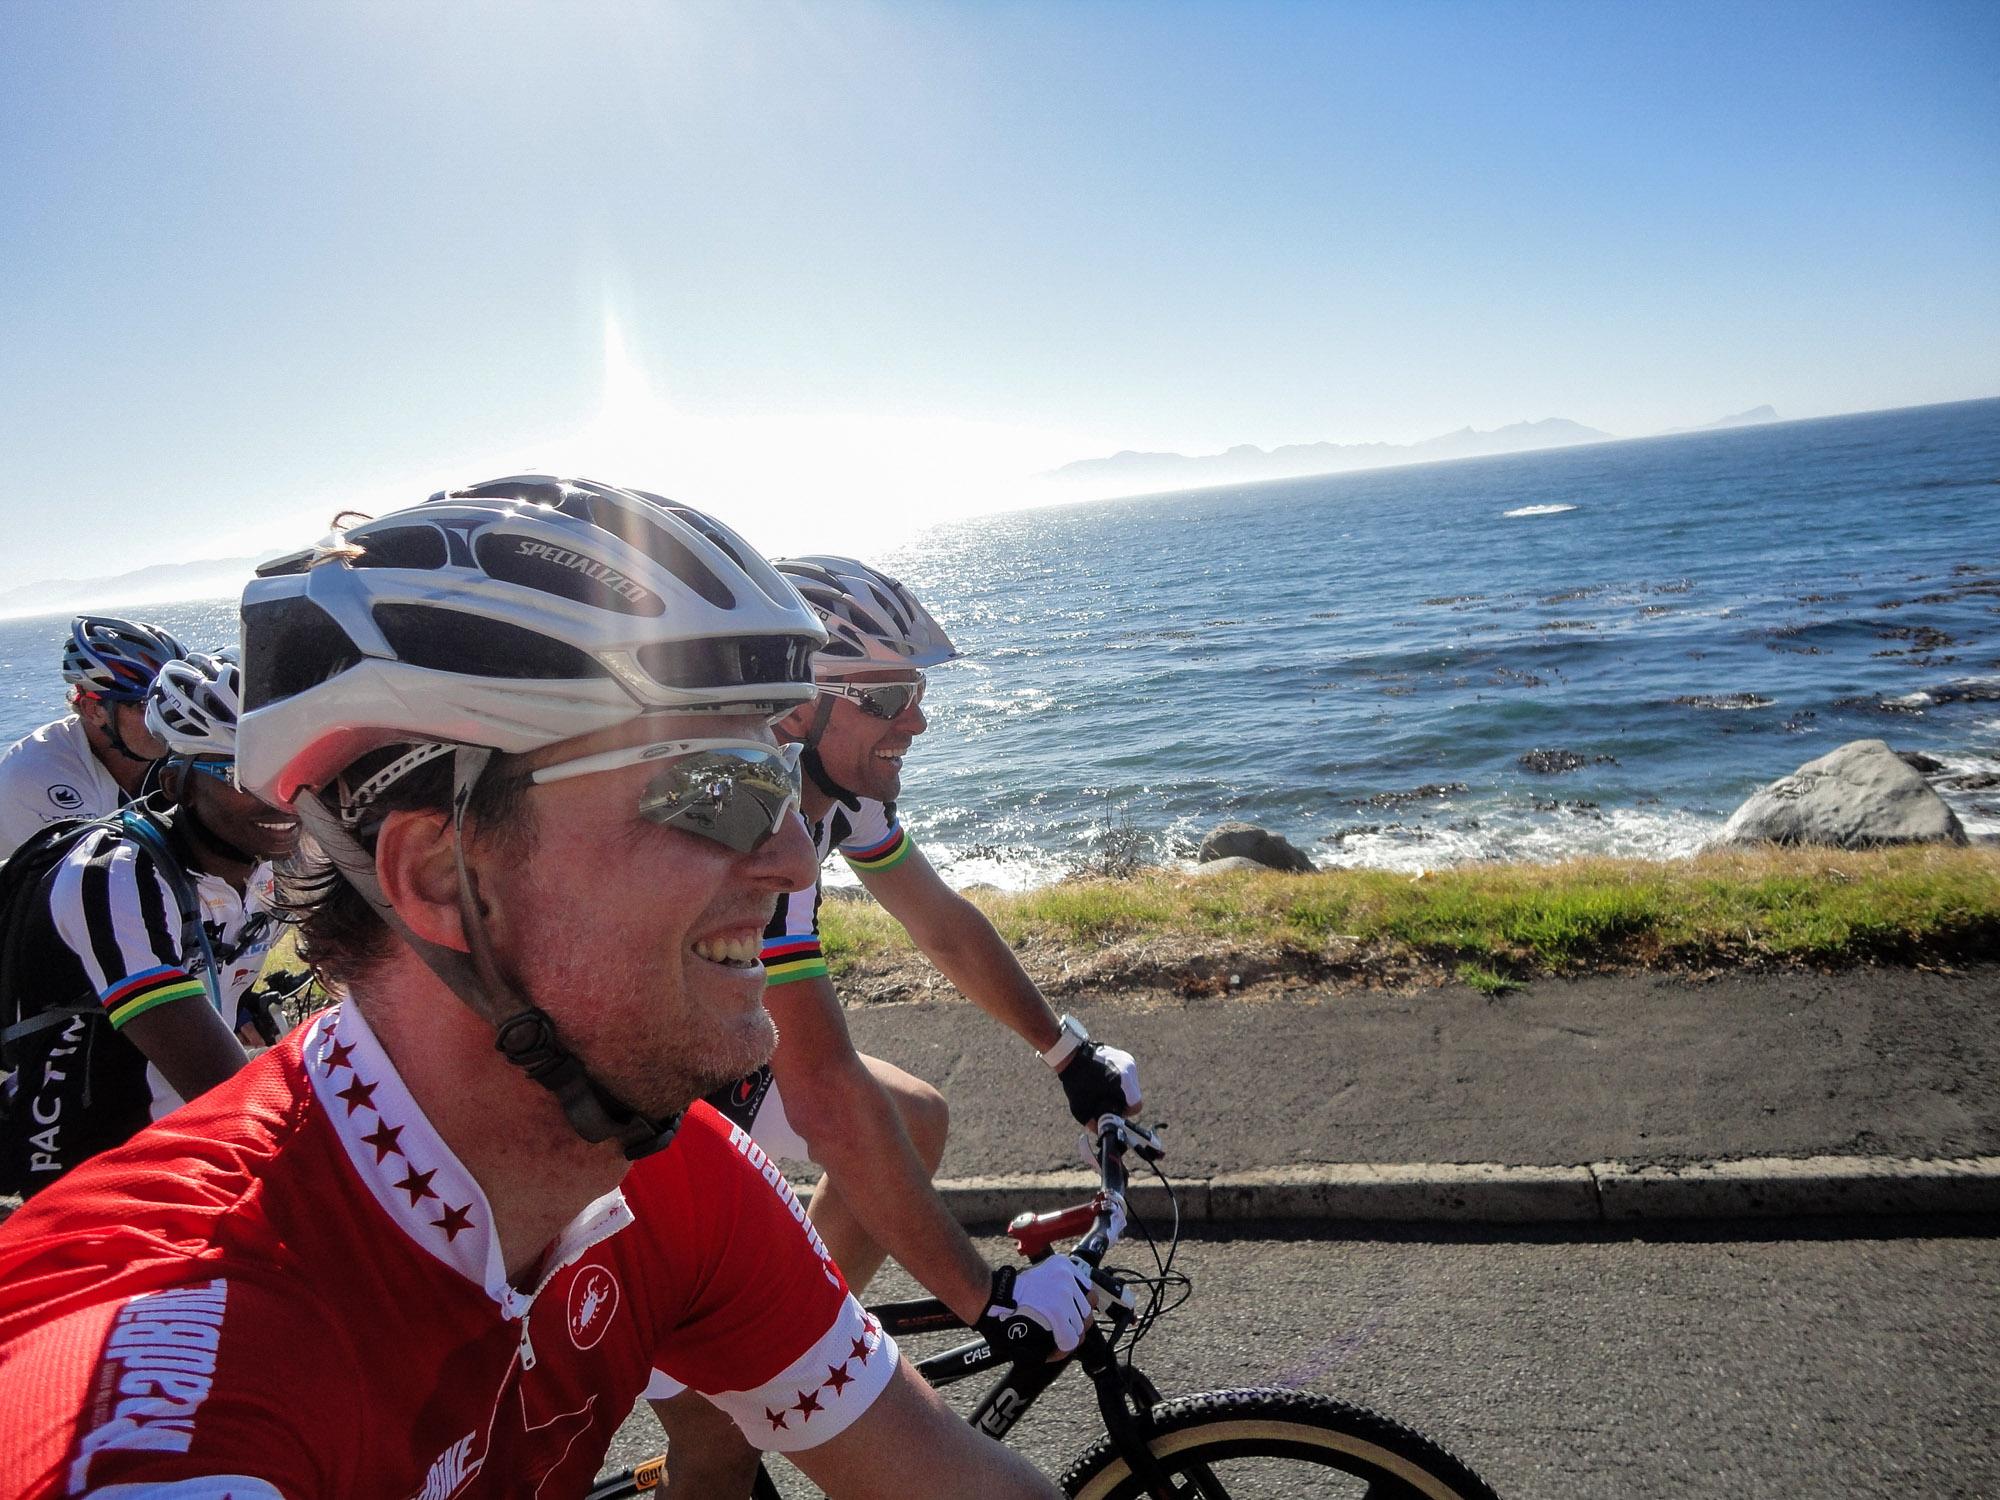 Beim Cape Argus: Wir fahren mit den Rädern direkt neben dem Meer